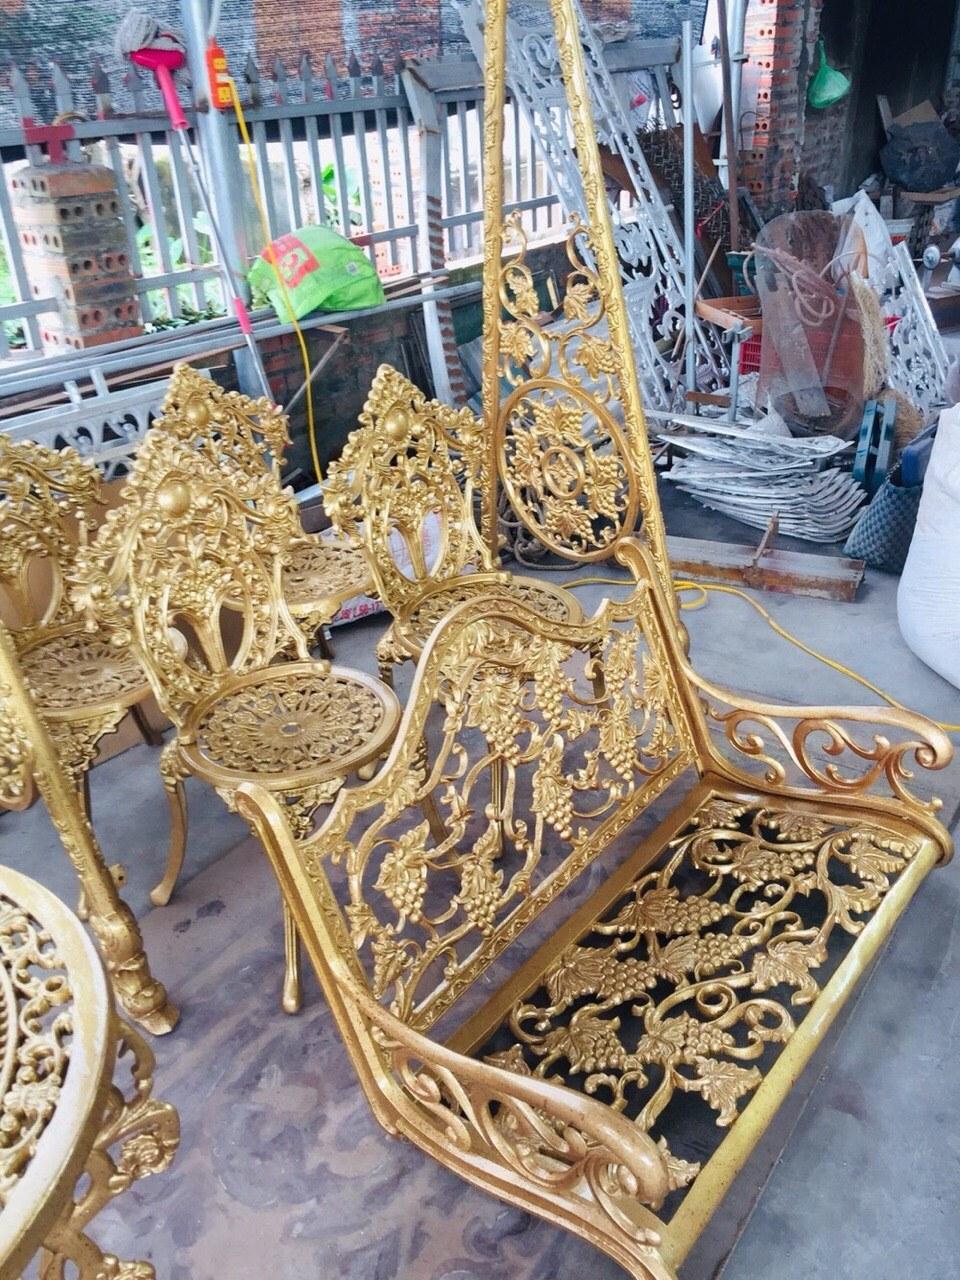 Lý do bạn nên mua bộ bàn ghế nhôm đúc